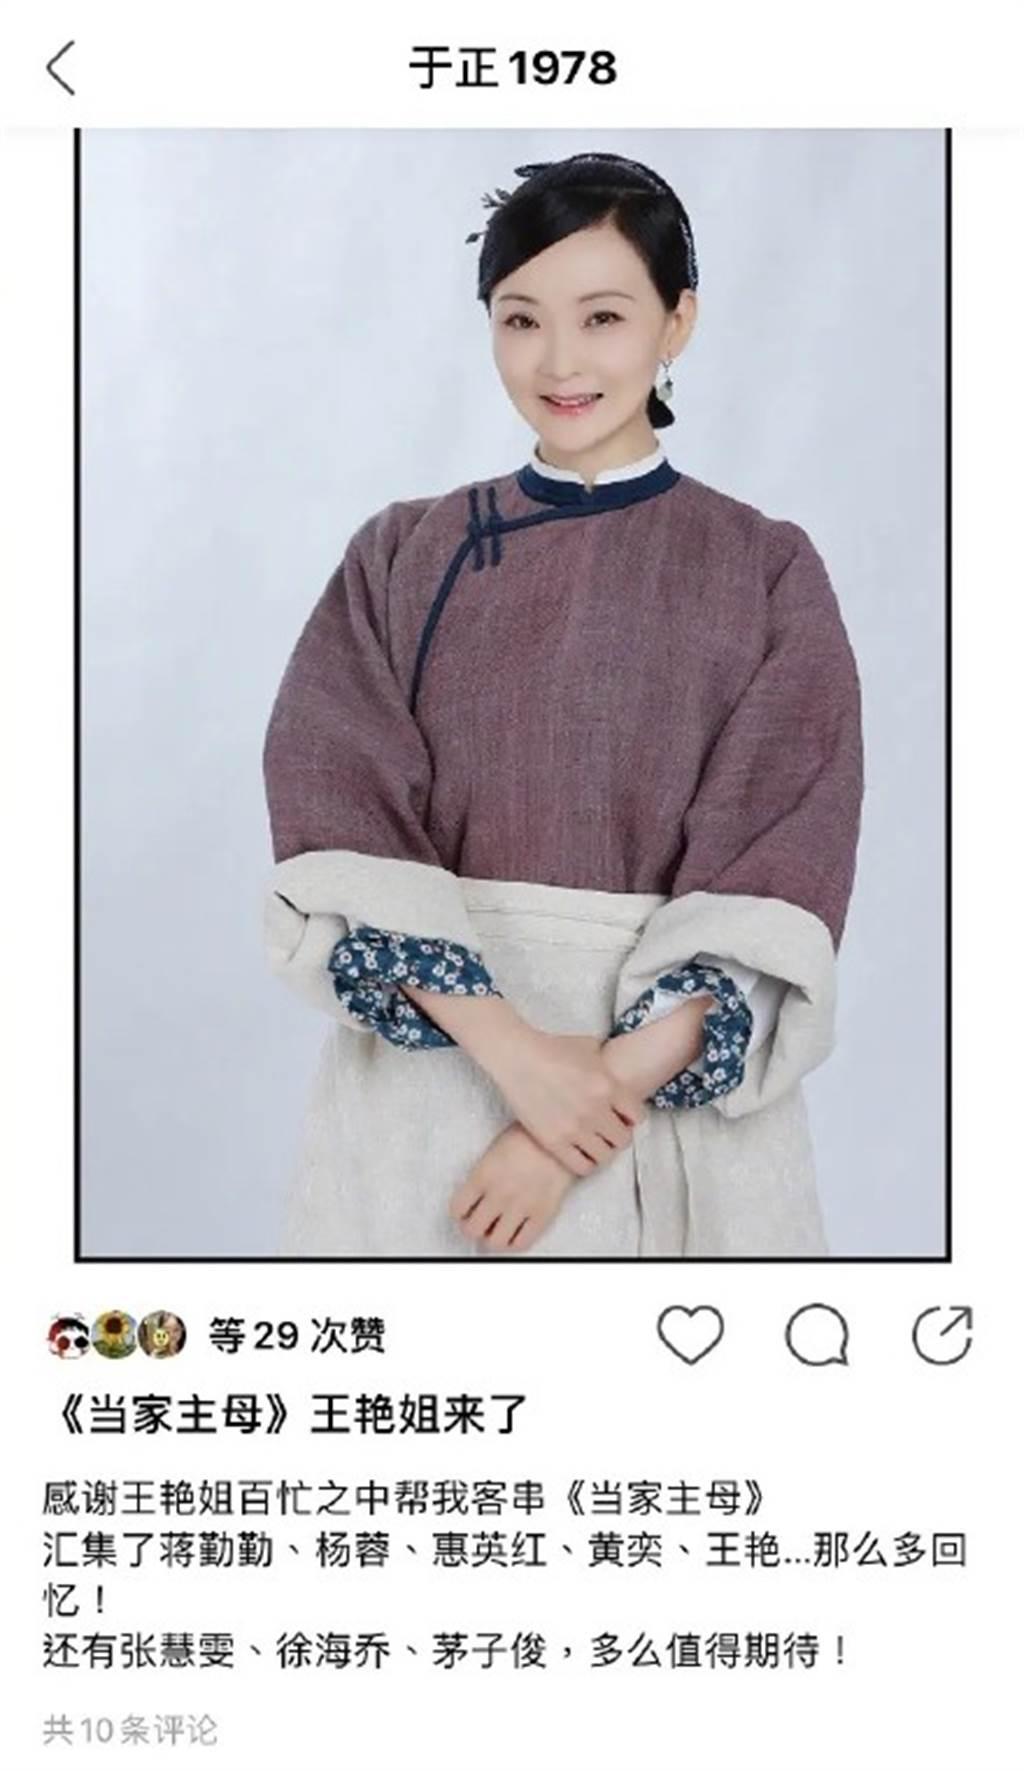 王艷回歸螢幕,拍余正的新戲《尚食》、《當家主母》。(圖/取材自微博)